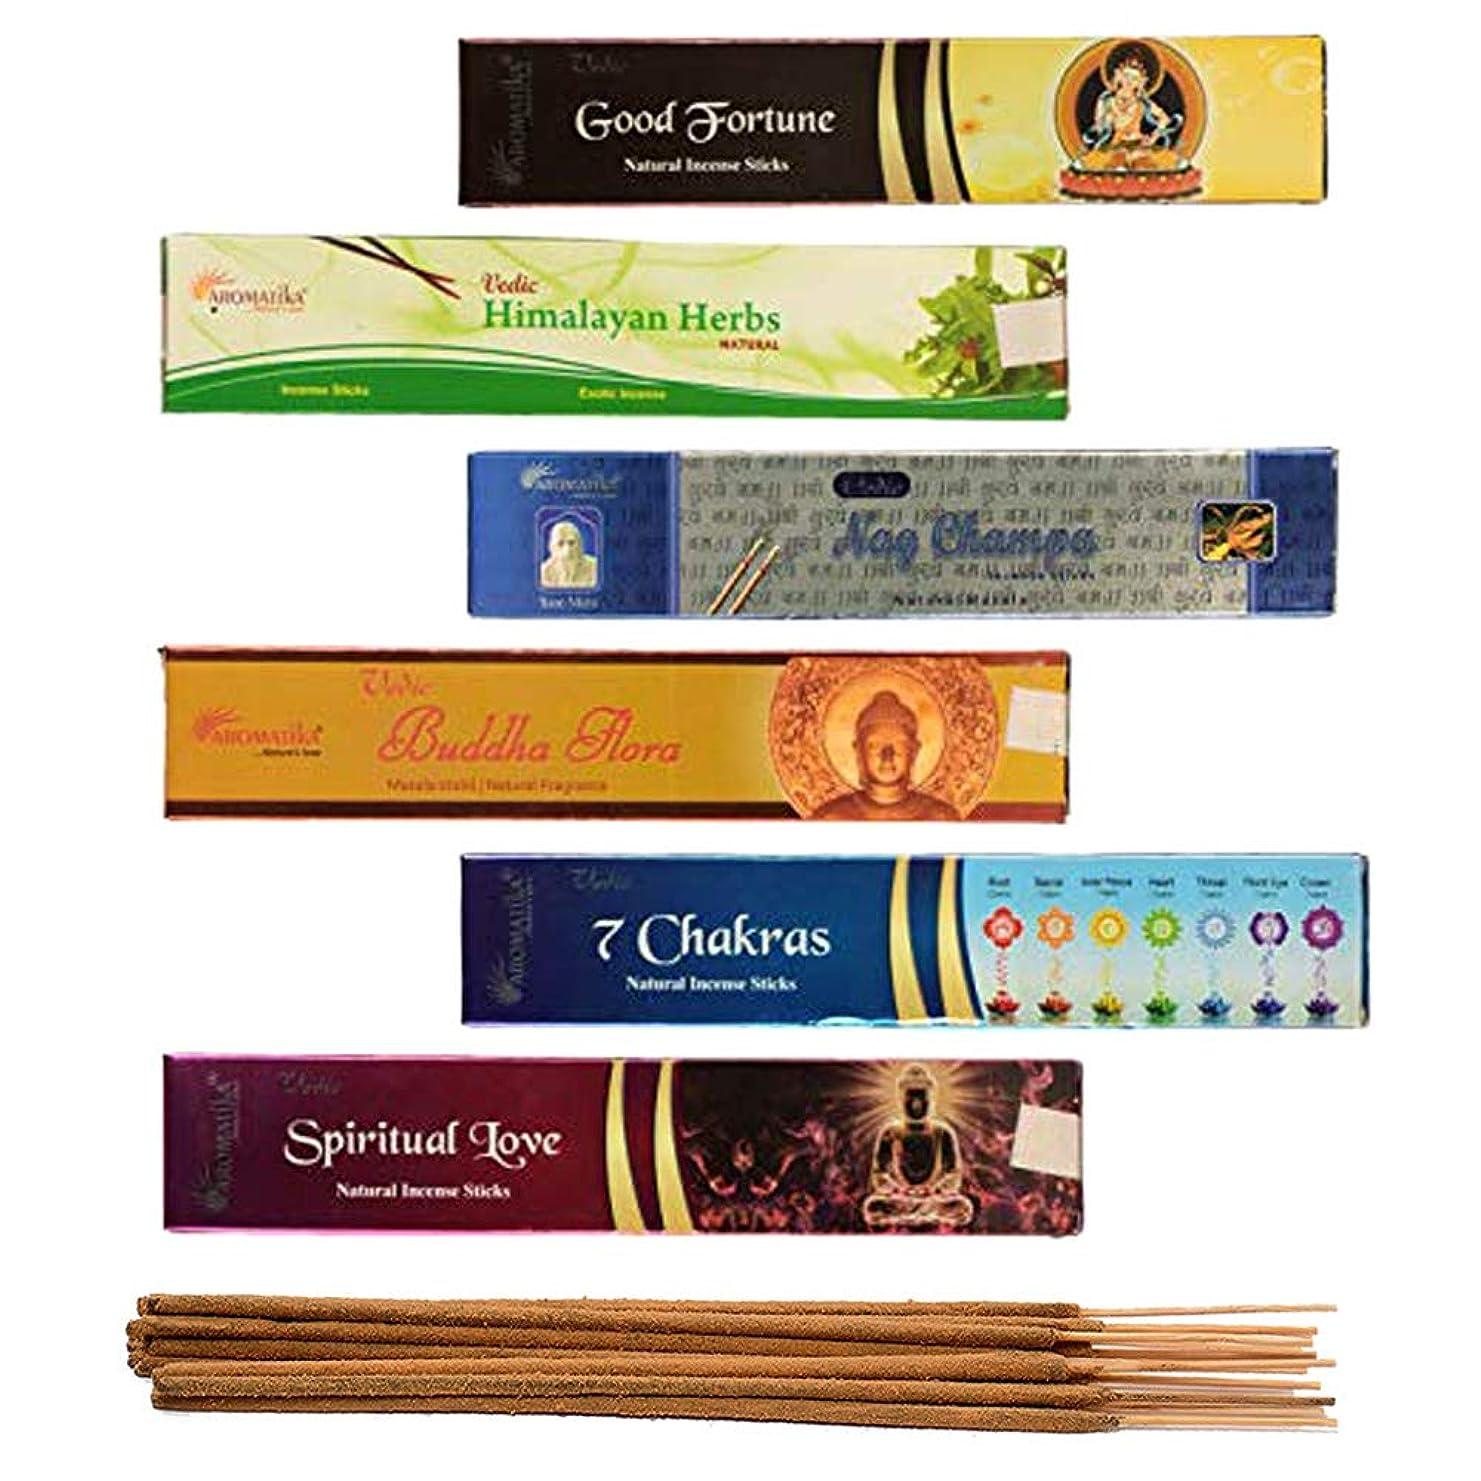 バーベキュー喪グリルaromatika 6?Assorted Masala Incense Sticks Vedic Nag Champa、7チャクラ、ブッダFlora、Himalayanハーブ、Good Fortune、Spiritual Love WithメタルSun Incense Stick Holder